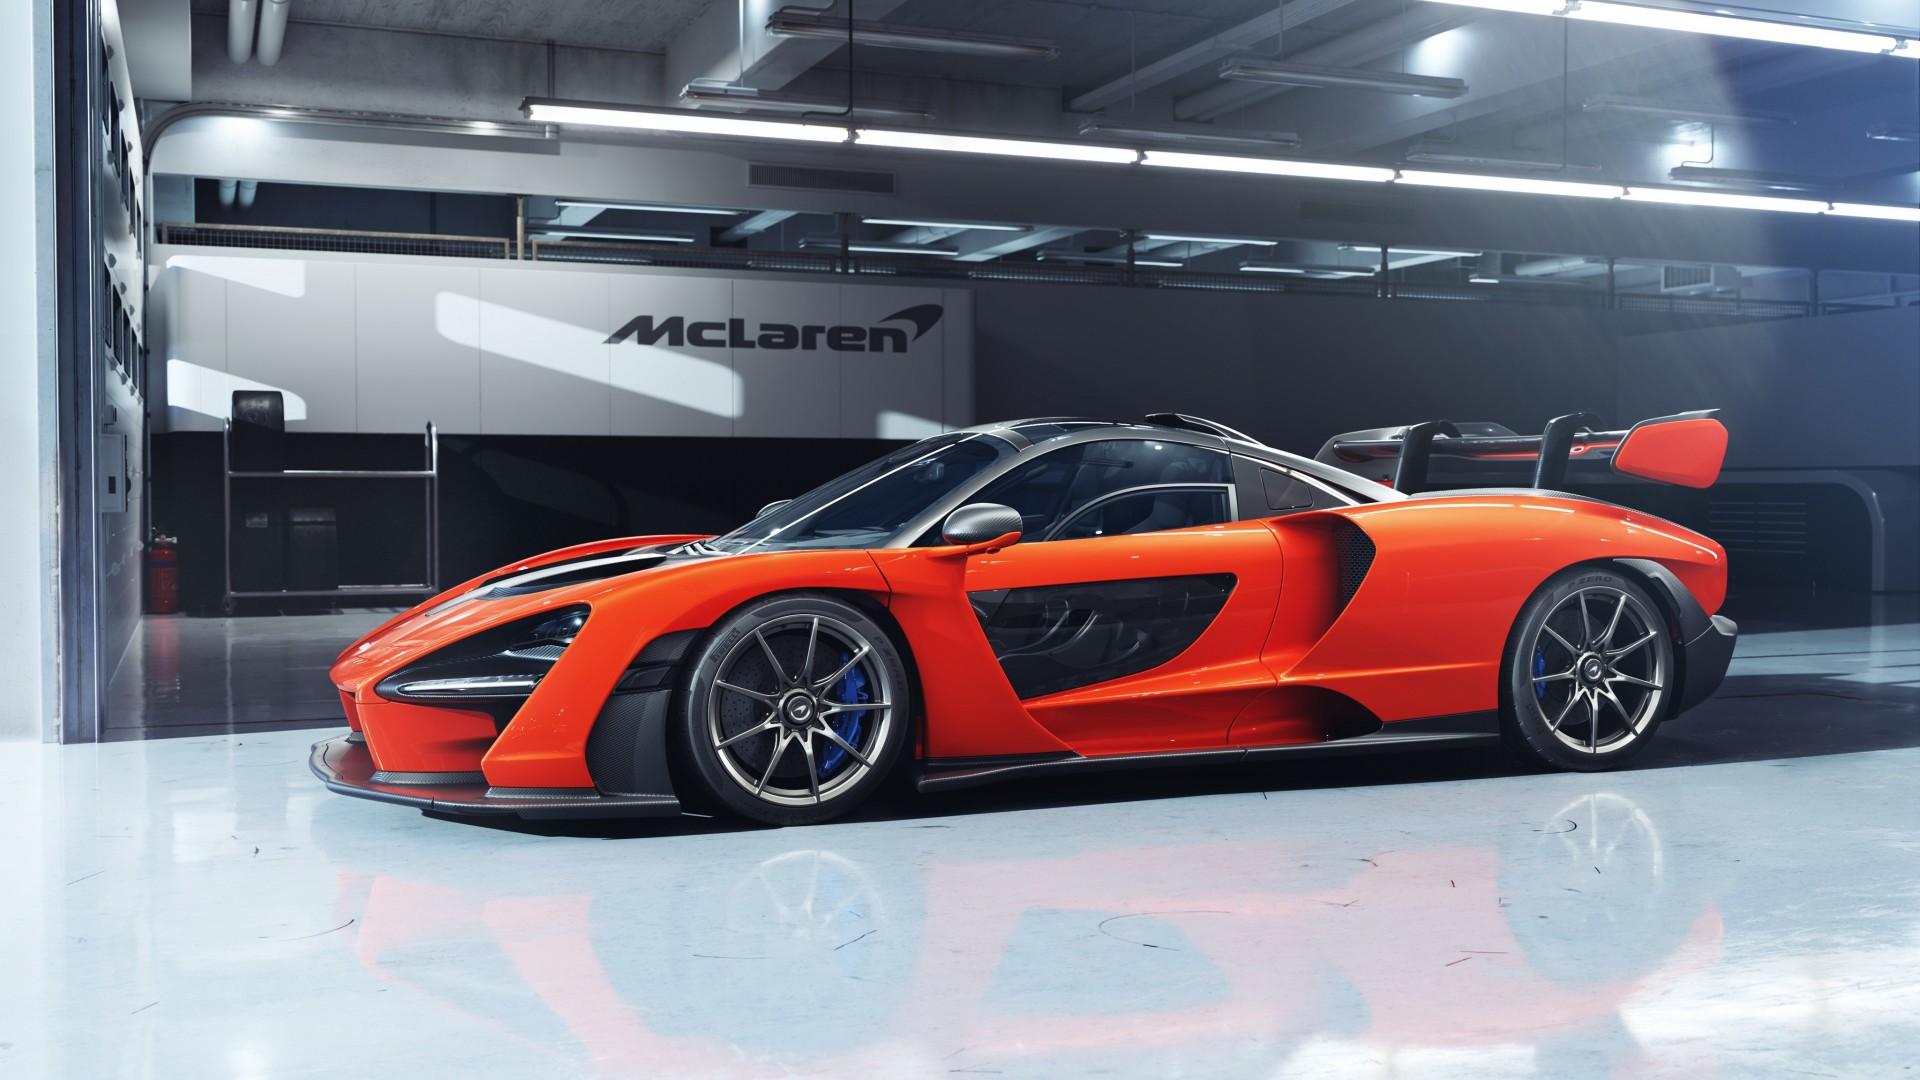 2018 Ford Gt >> 2018 McLaren Senna 4K 7 Wallpaper   HD Car Wallpapers   ID ...